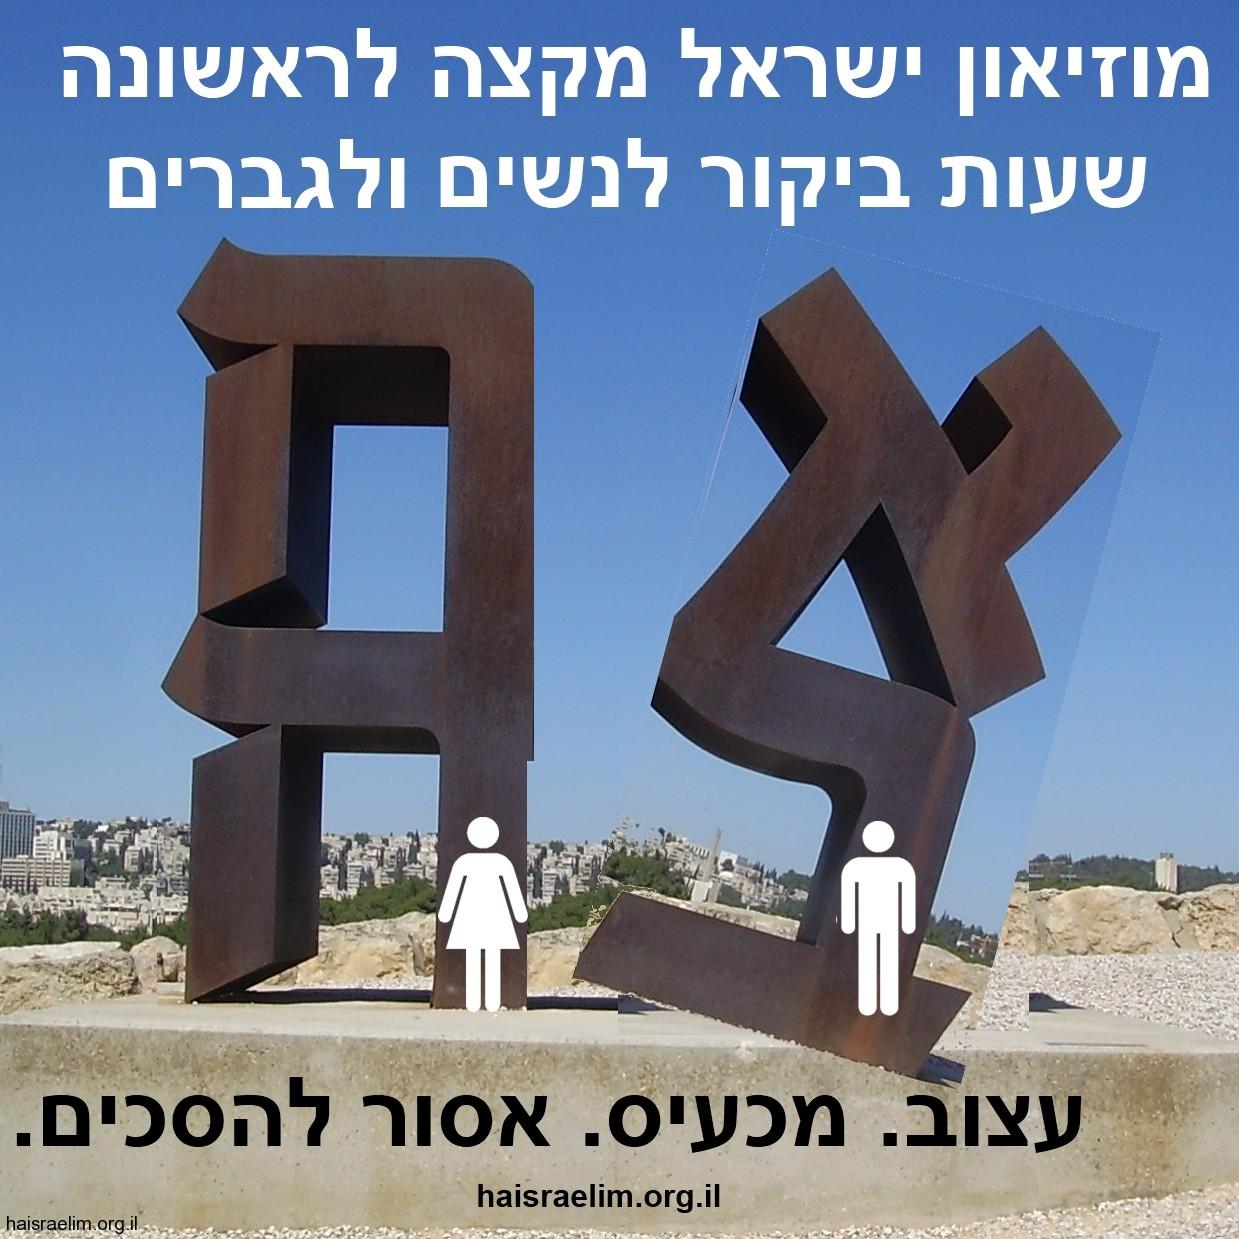 מוזיאון ישראל מפריד נשים וגברים. עצוב. מכעיס. אסור להסכים.